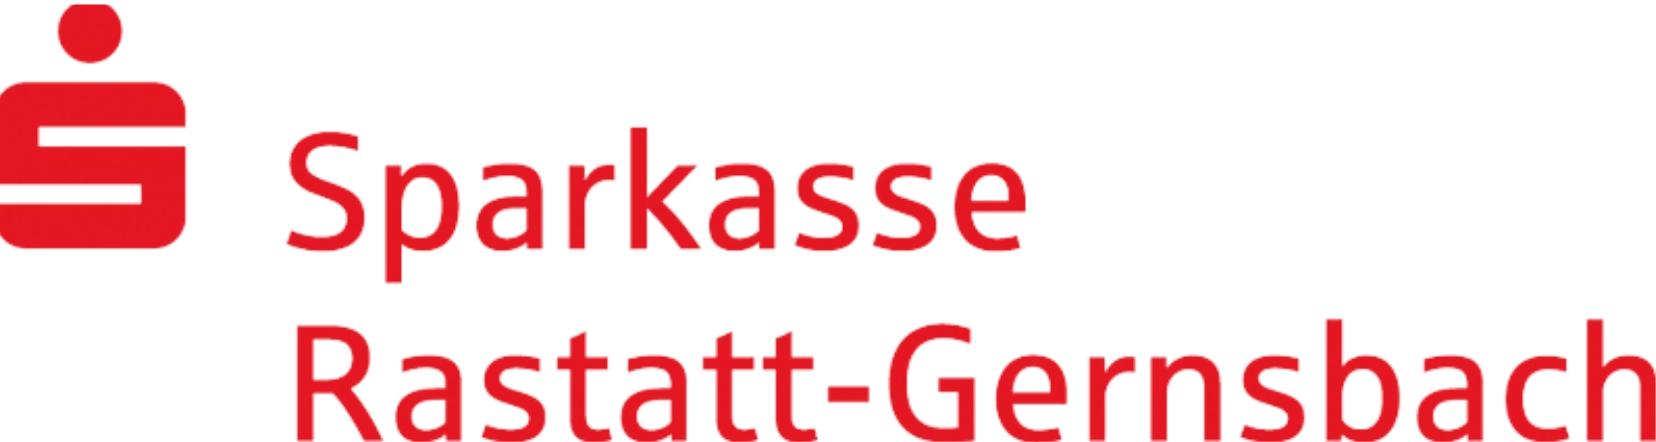 Sparkasse Rastatt